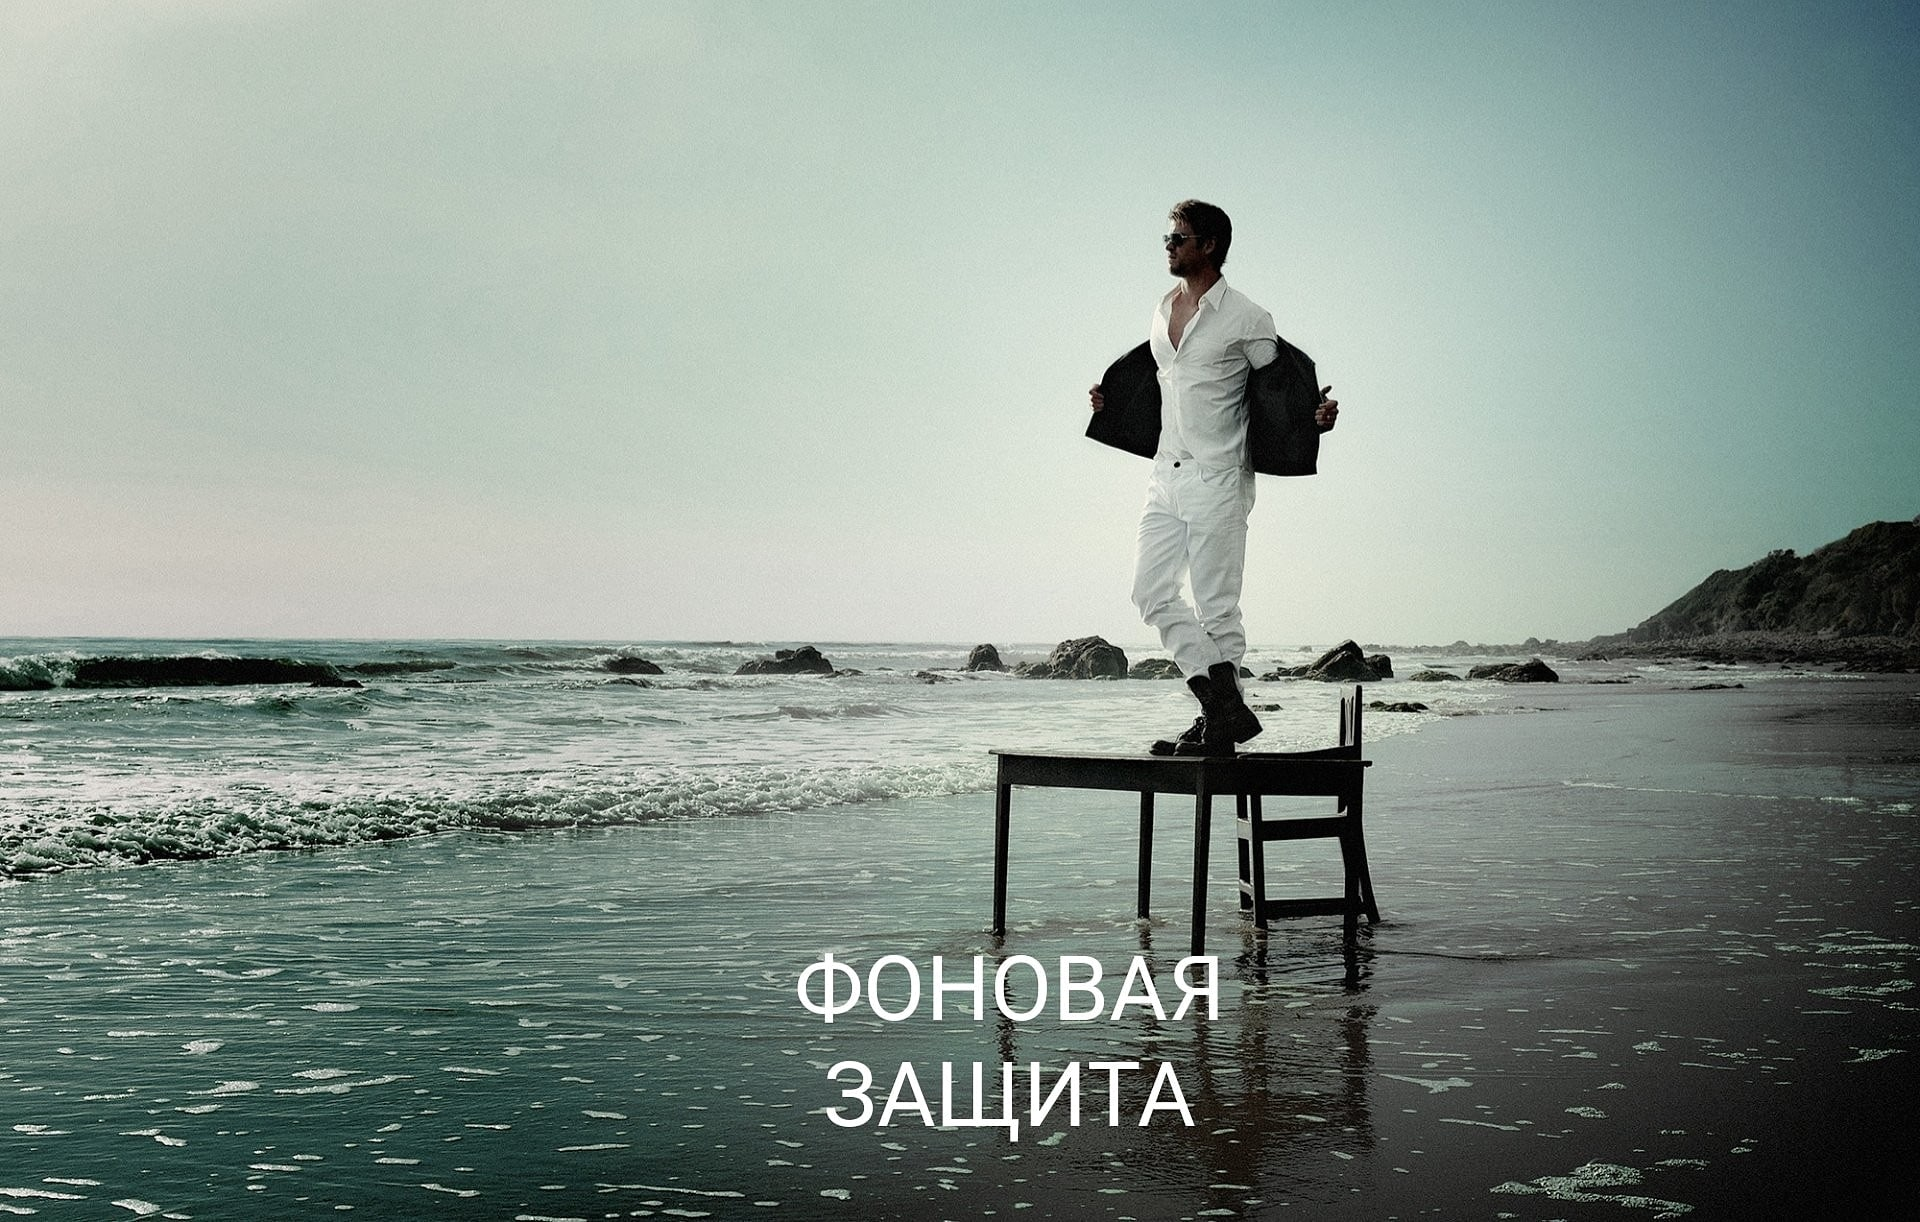 силаума - Программы от Елены Руденко - Страница 2 X9ZHvACT0OA